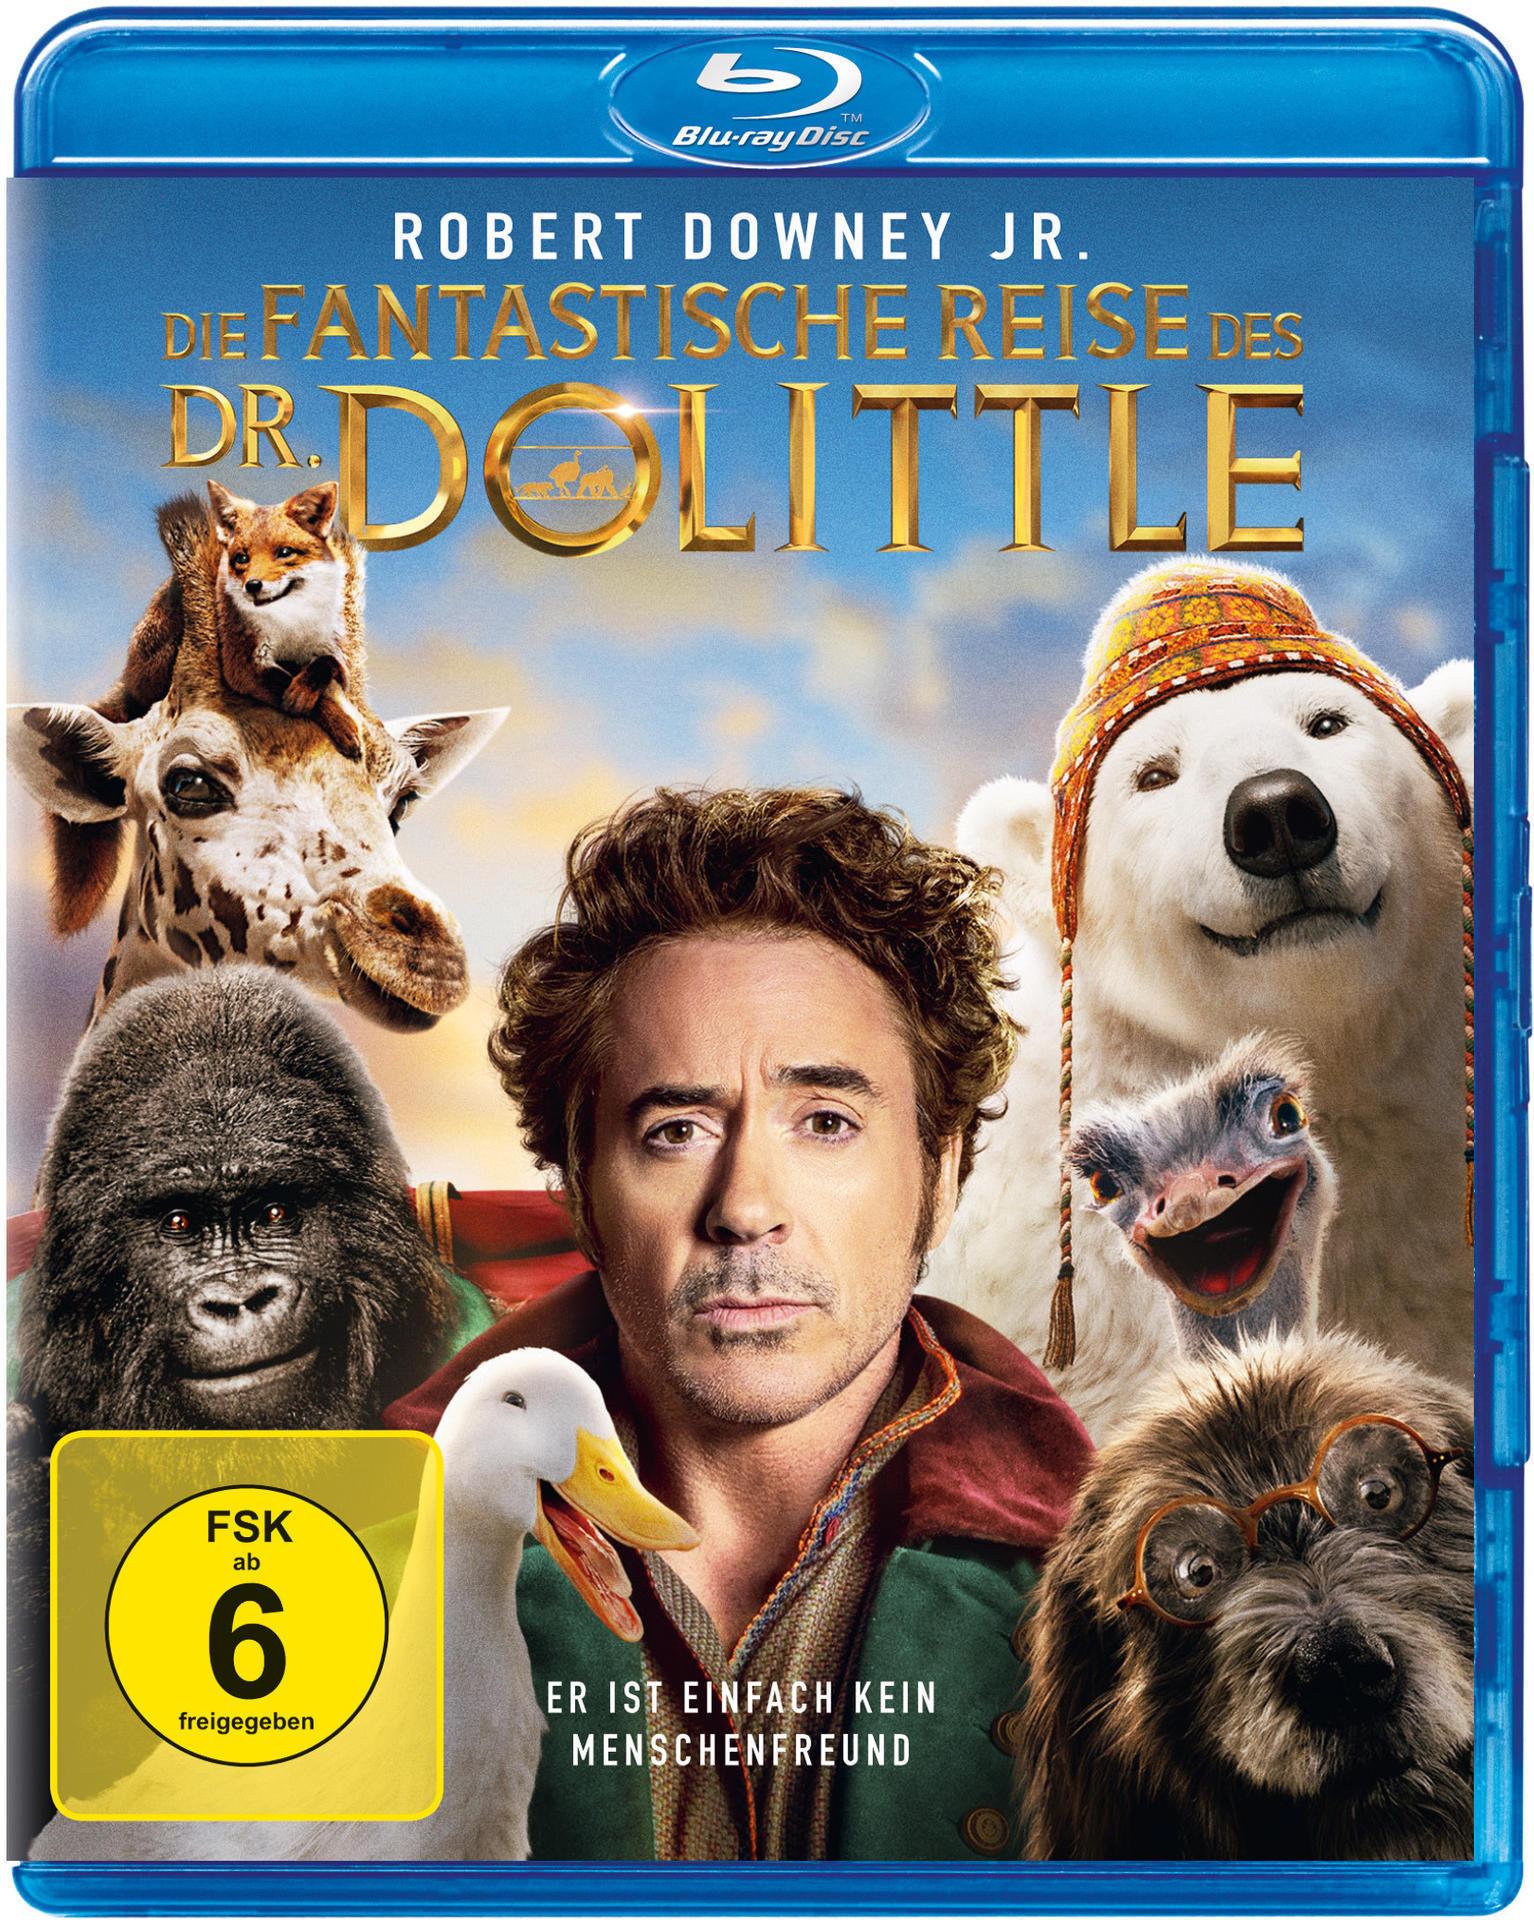 Die fantastische Reise des Dr. Dolittle (BLU-RAY) für 14,61 Euro